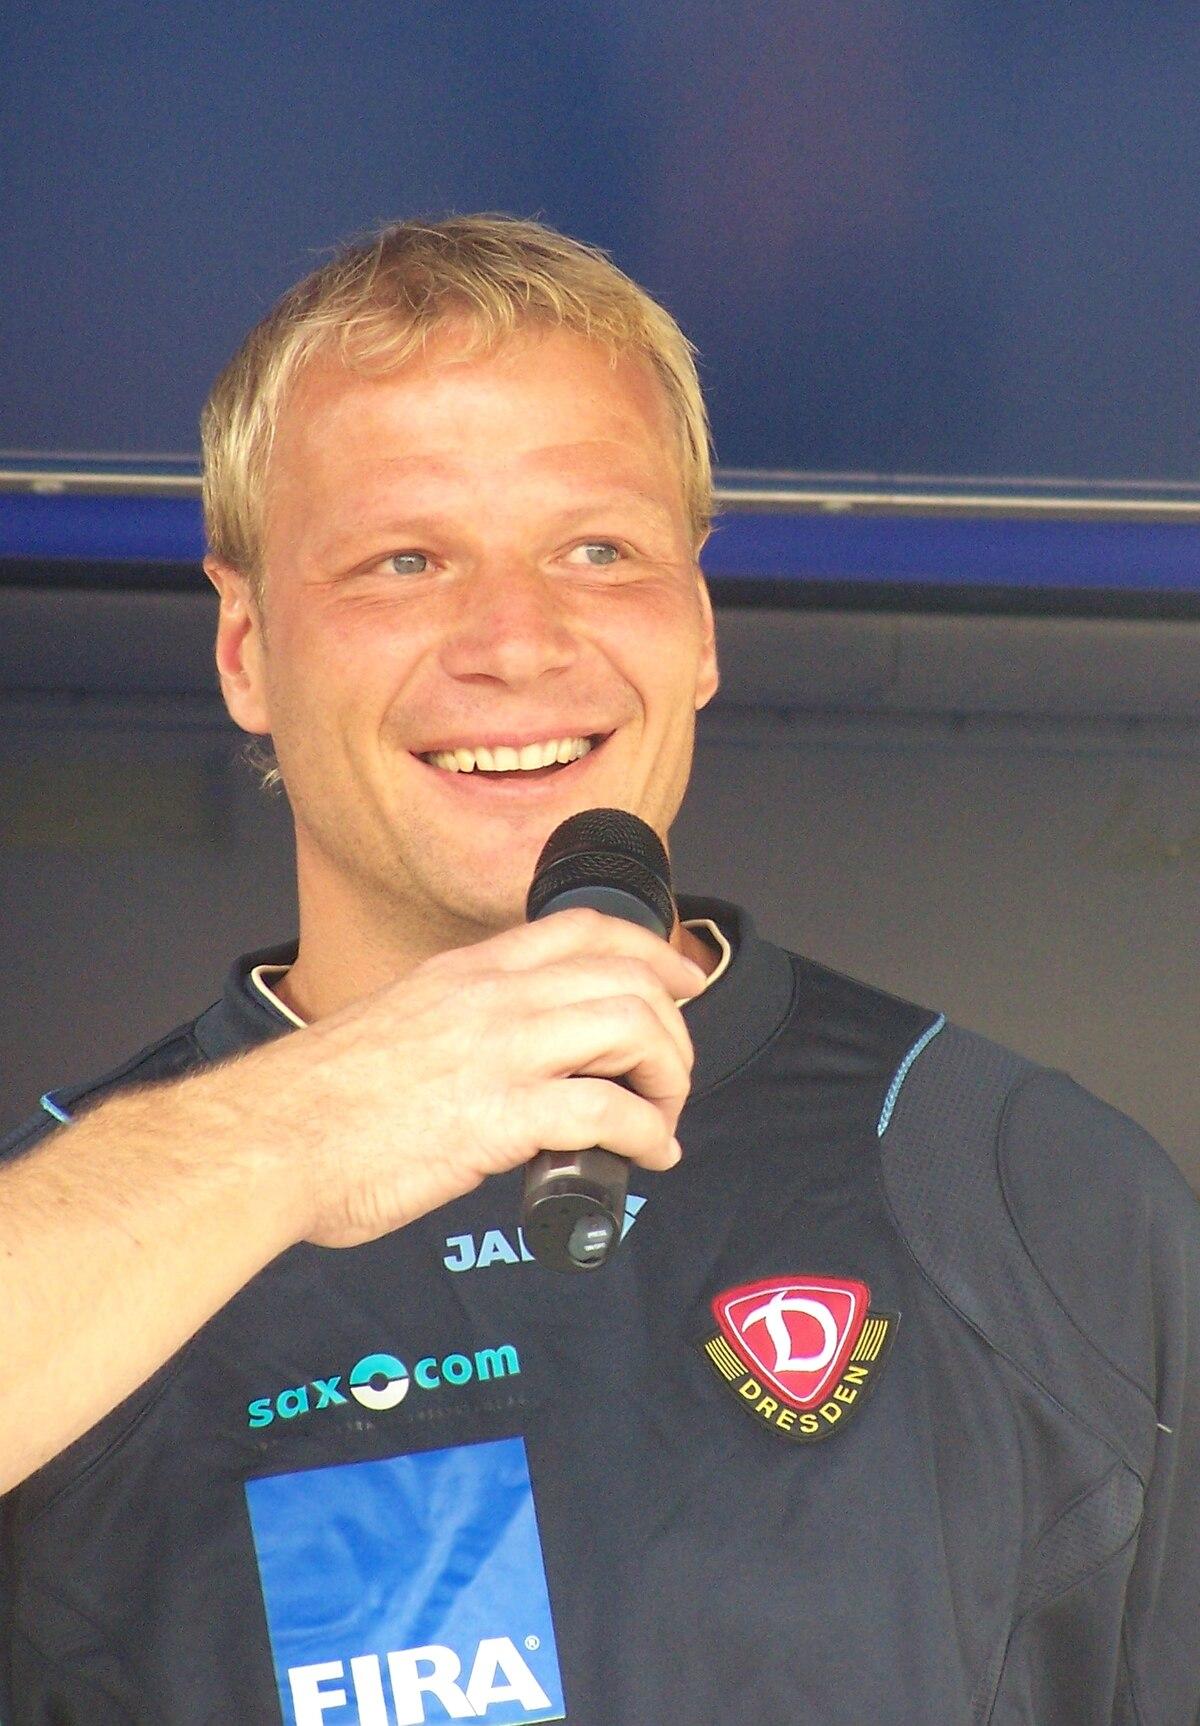 Jan Seifert Fuballspieler  Wikipedia